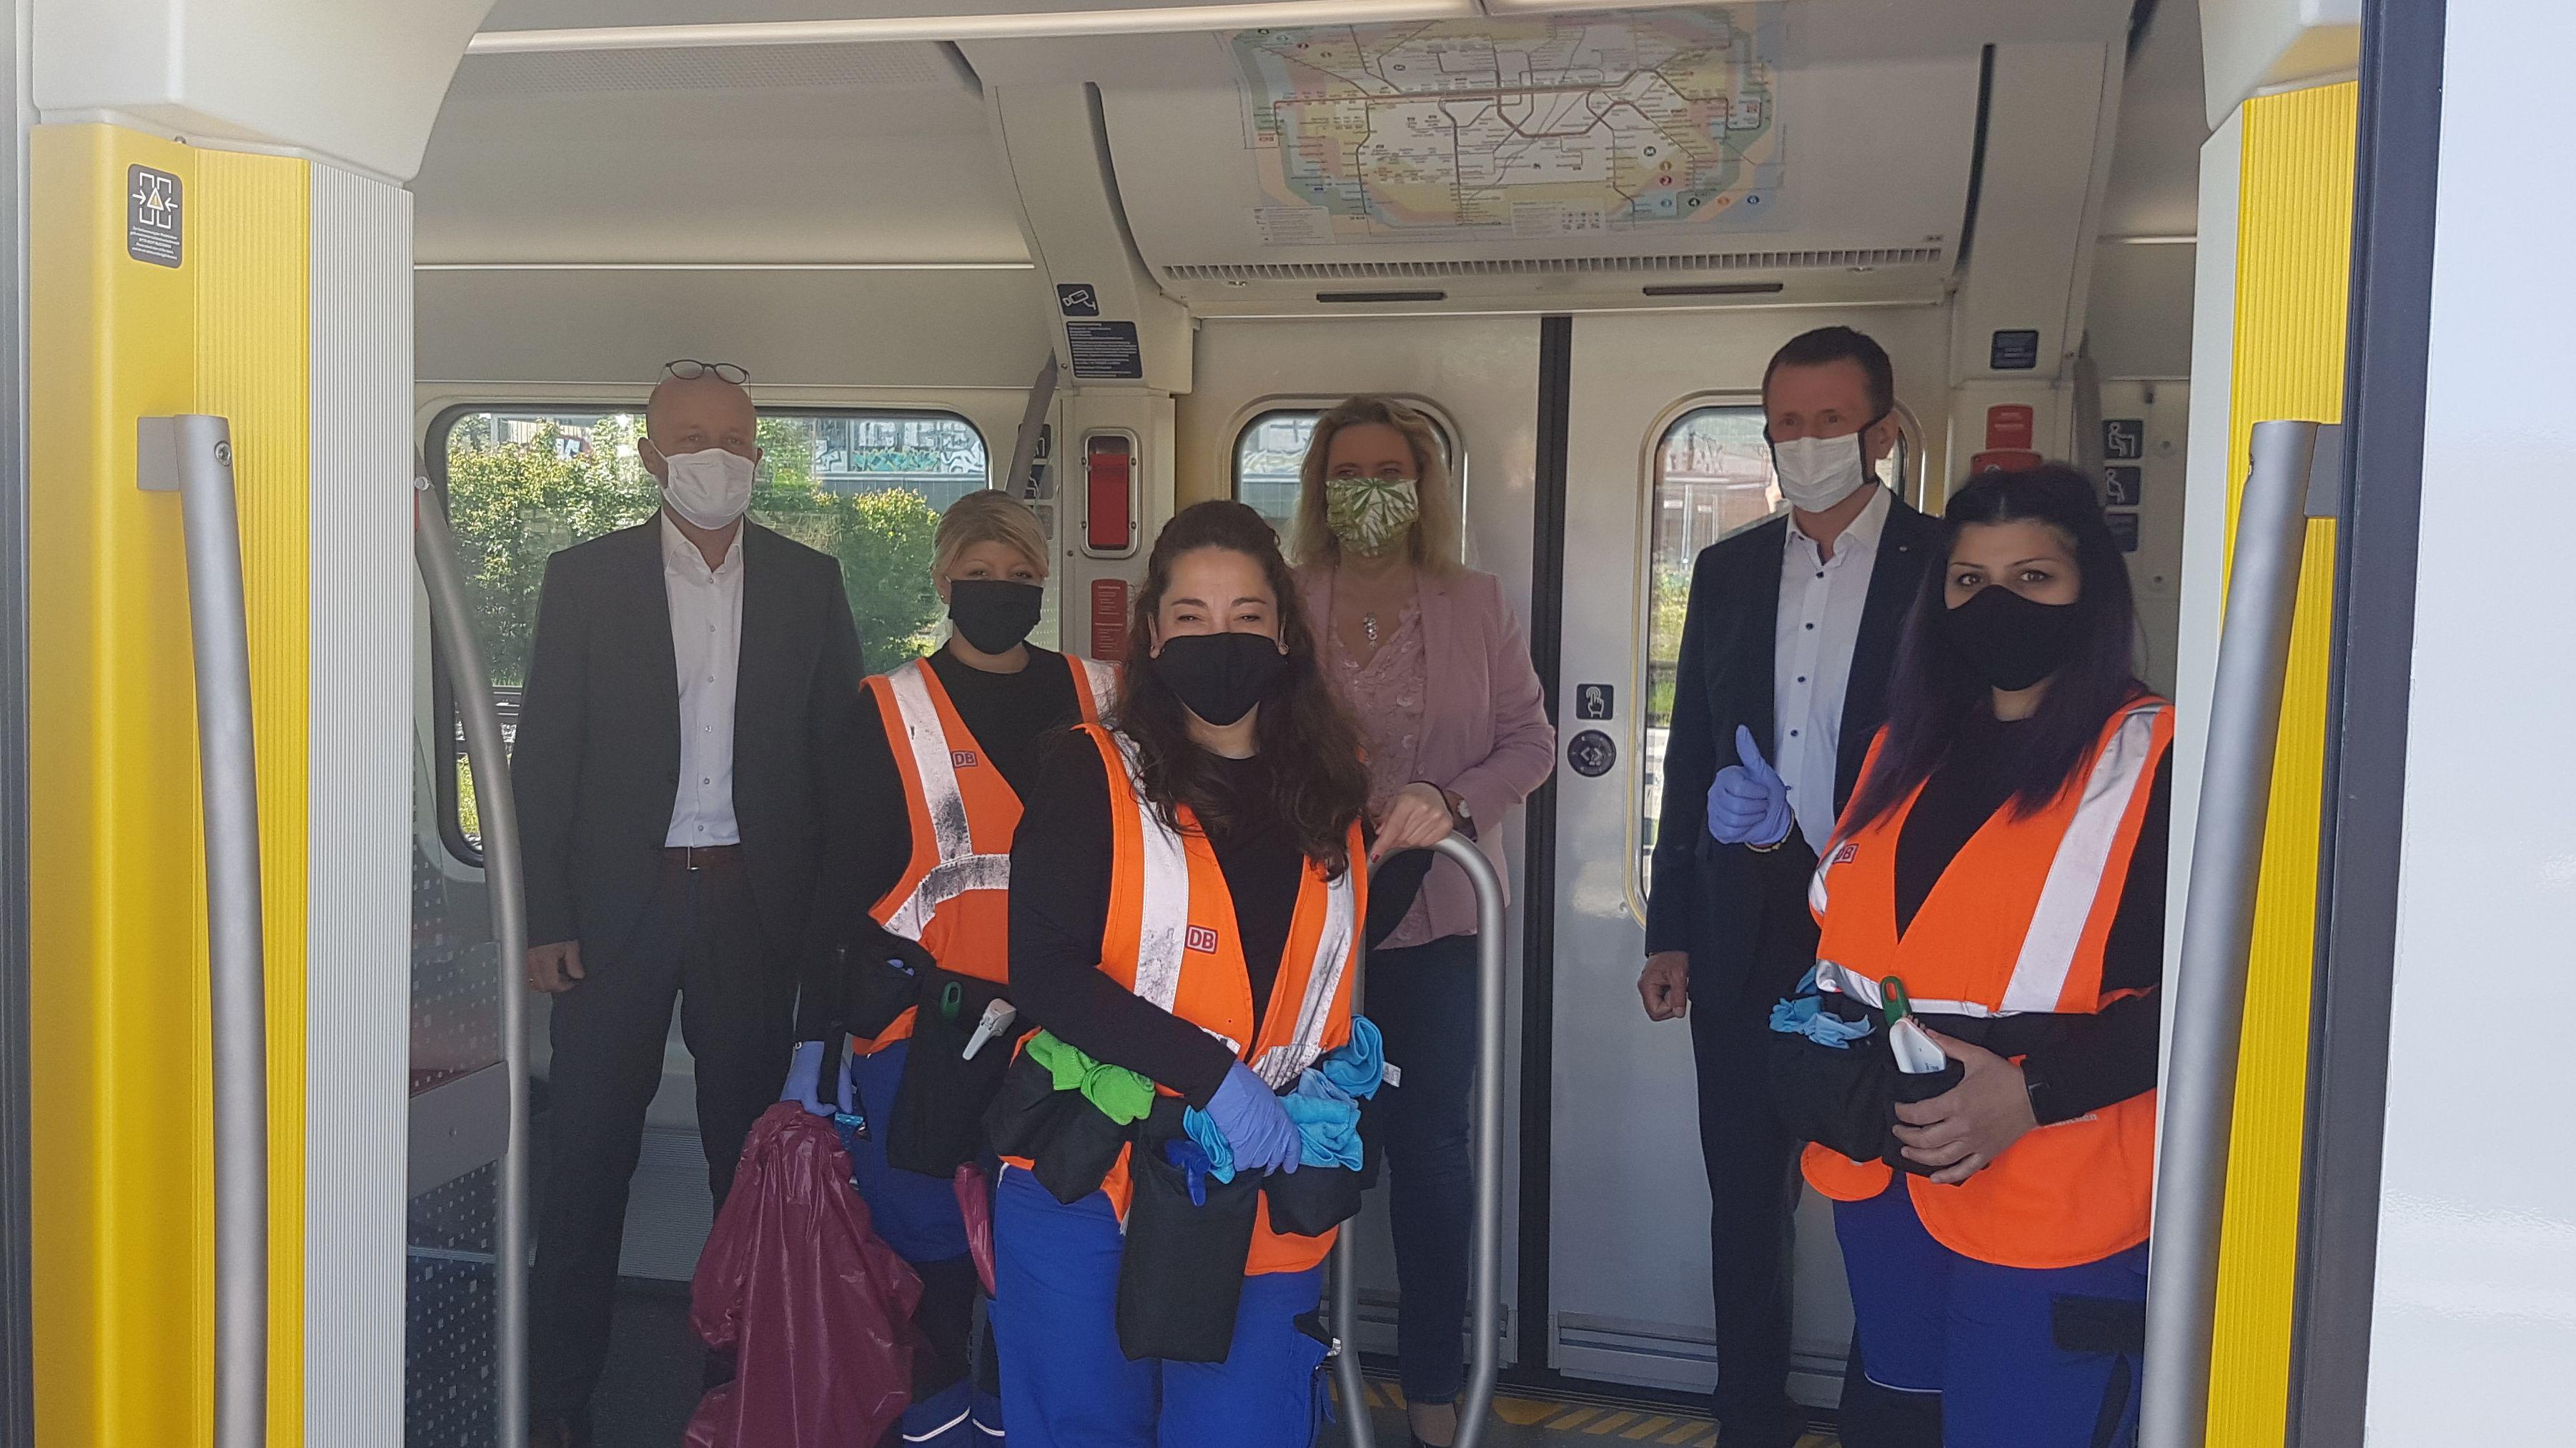 Bei einem Pressetermin hat sich Verkehrsministerin Kerstin Schreyer angeschaut, wie die Reinigungskräfte der S-Bahn München vorgehen.